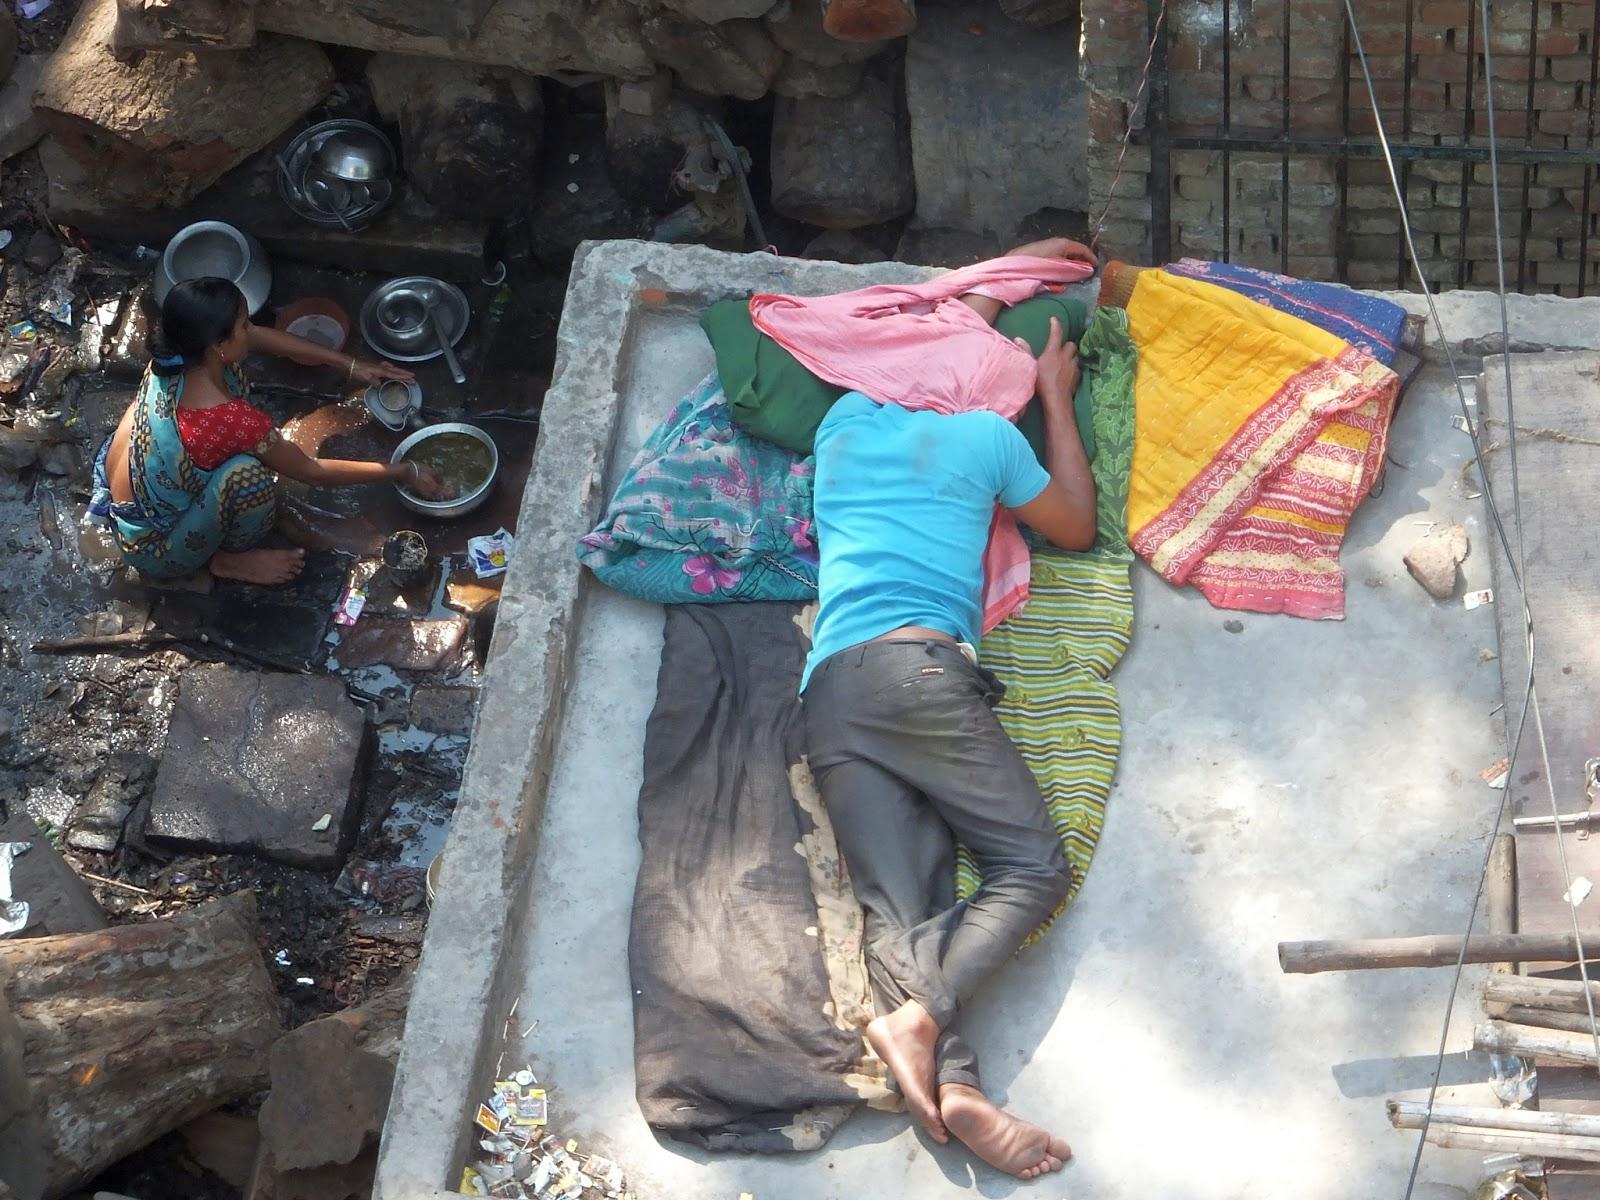 вот так и живут бедные индусы